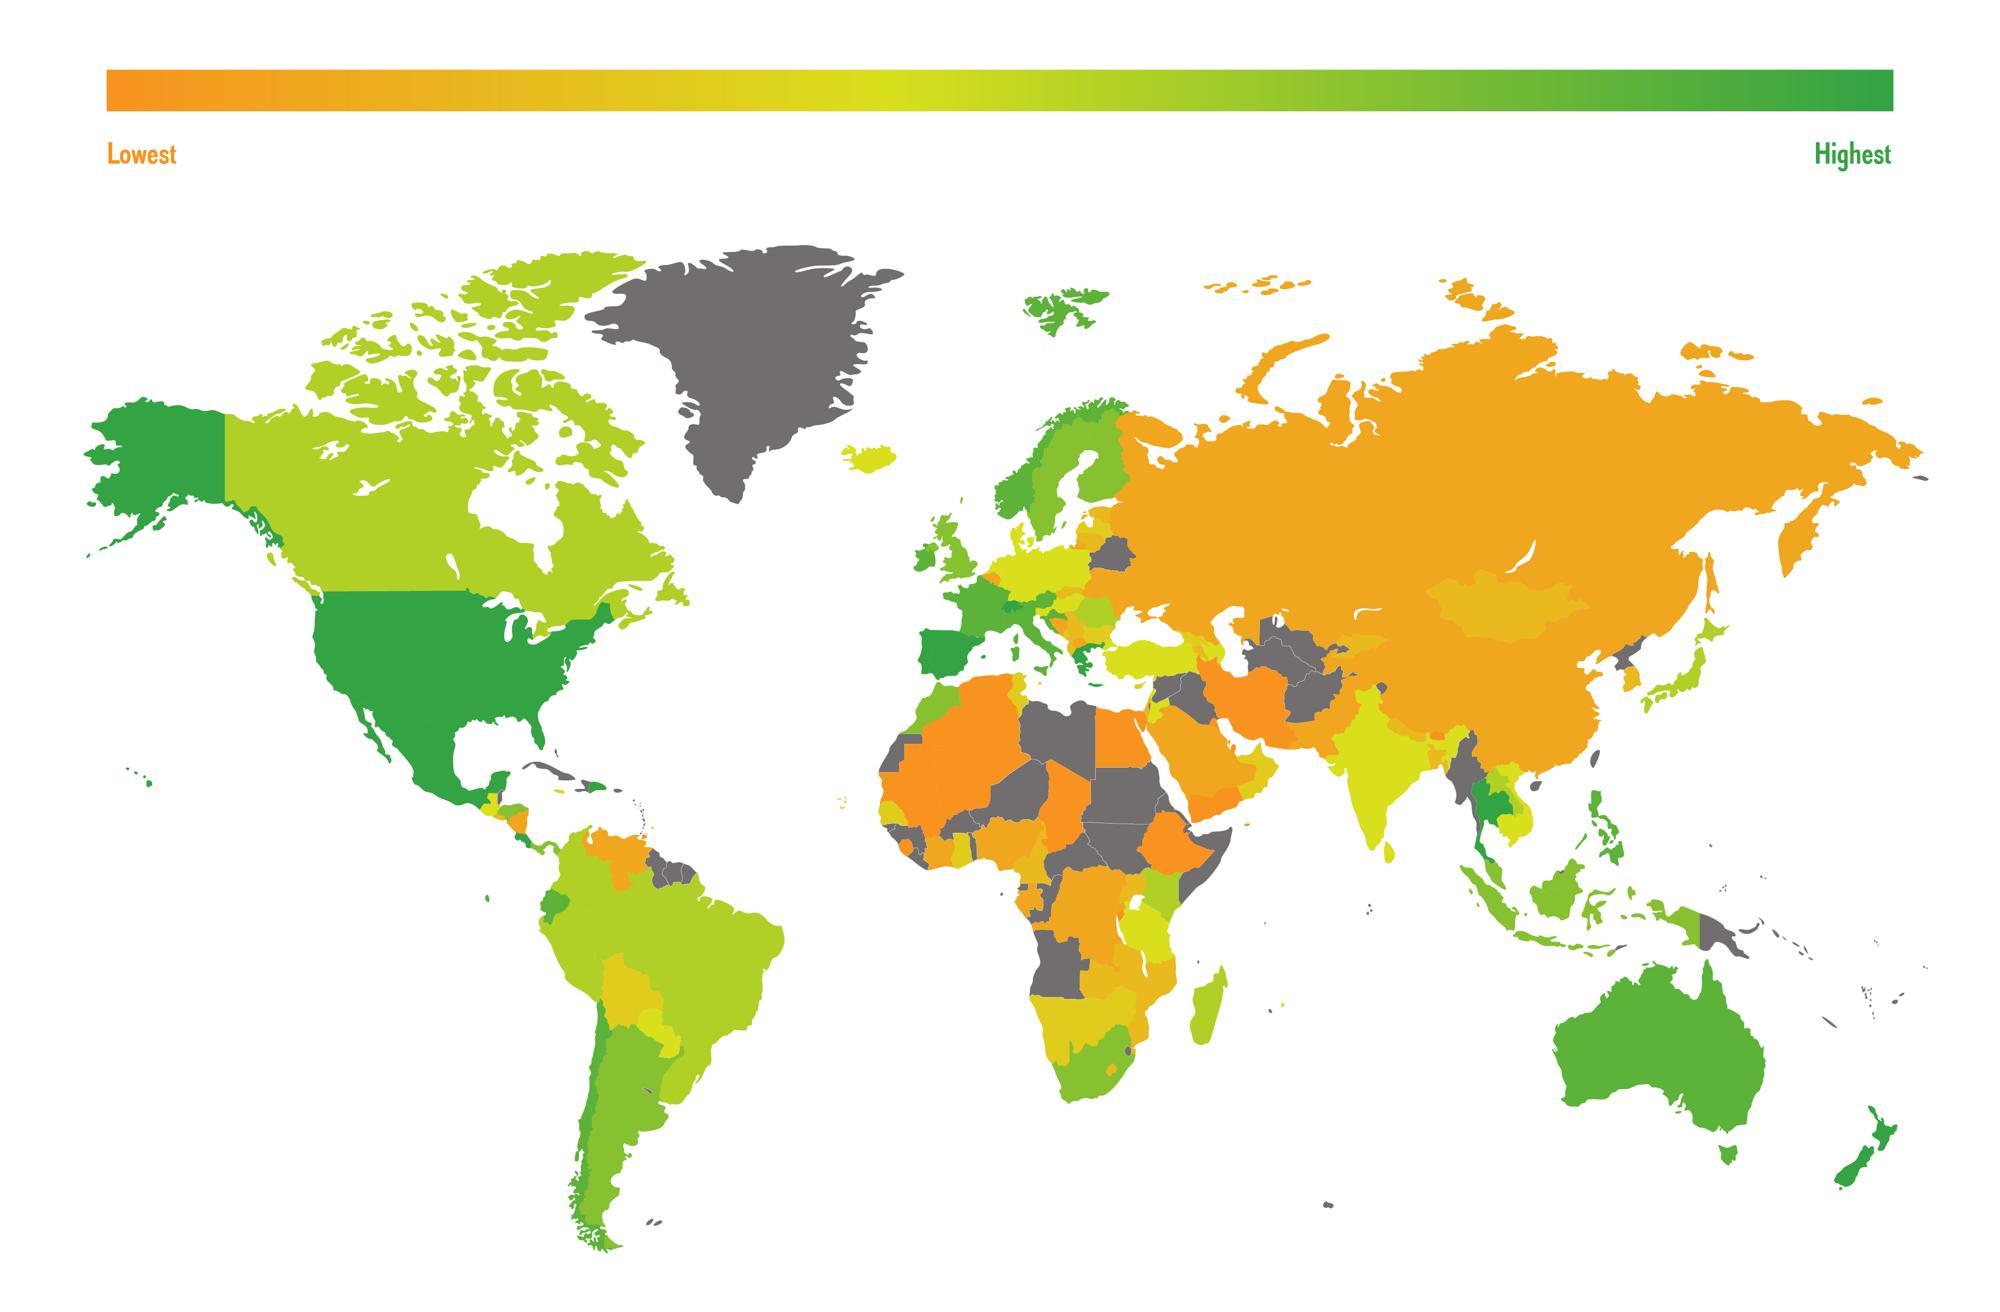 Fresh Air Living Index heat map